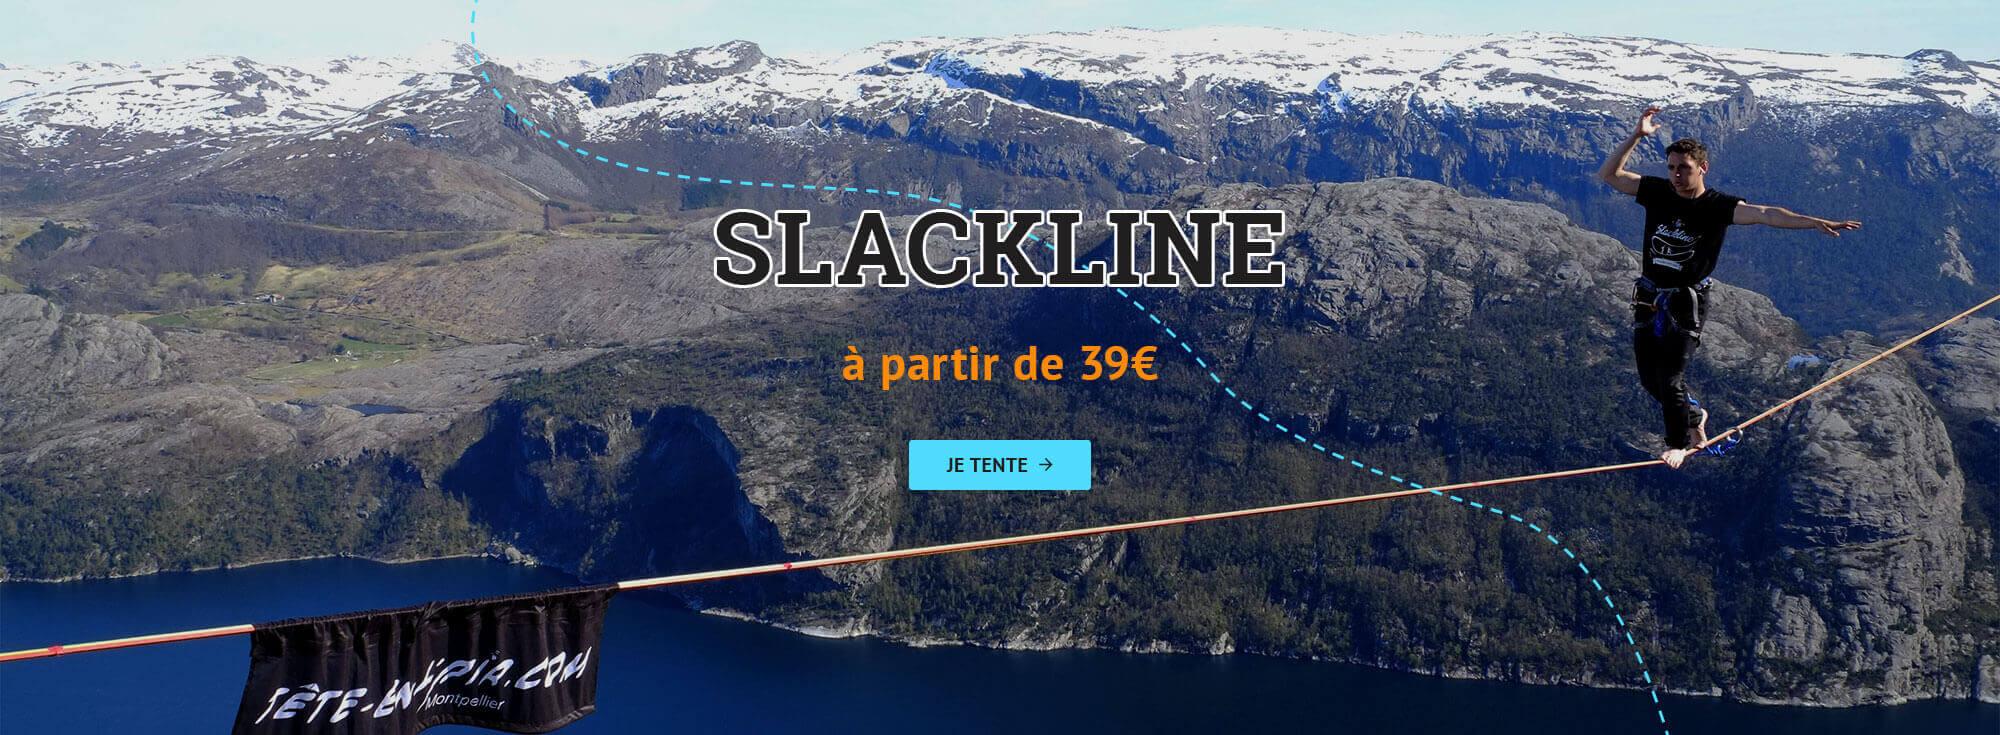 Slackline - Tentez l'équilibre à partir de 39 euros